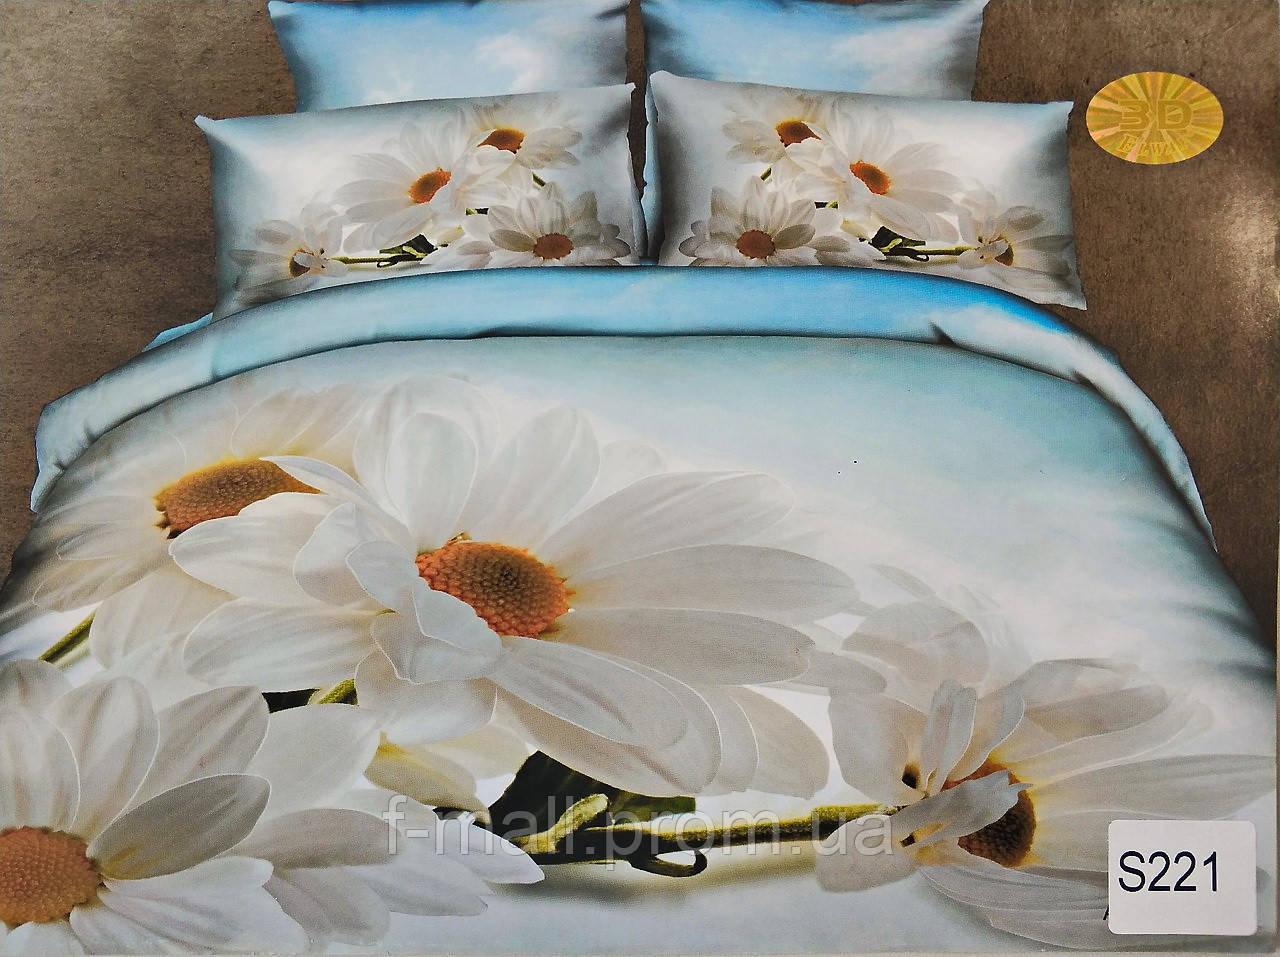 Комплект постельного белья ELWAY (Польша) 3D LUX Сатин Евро Подарочная упаковка (221)